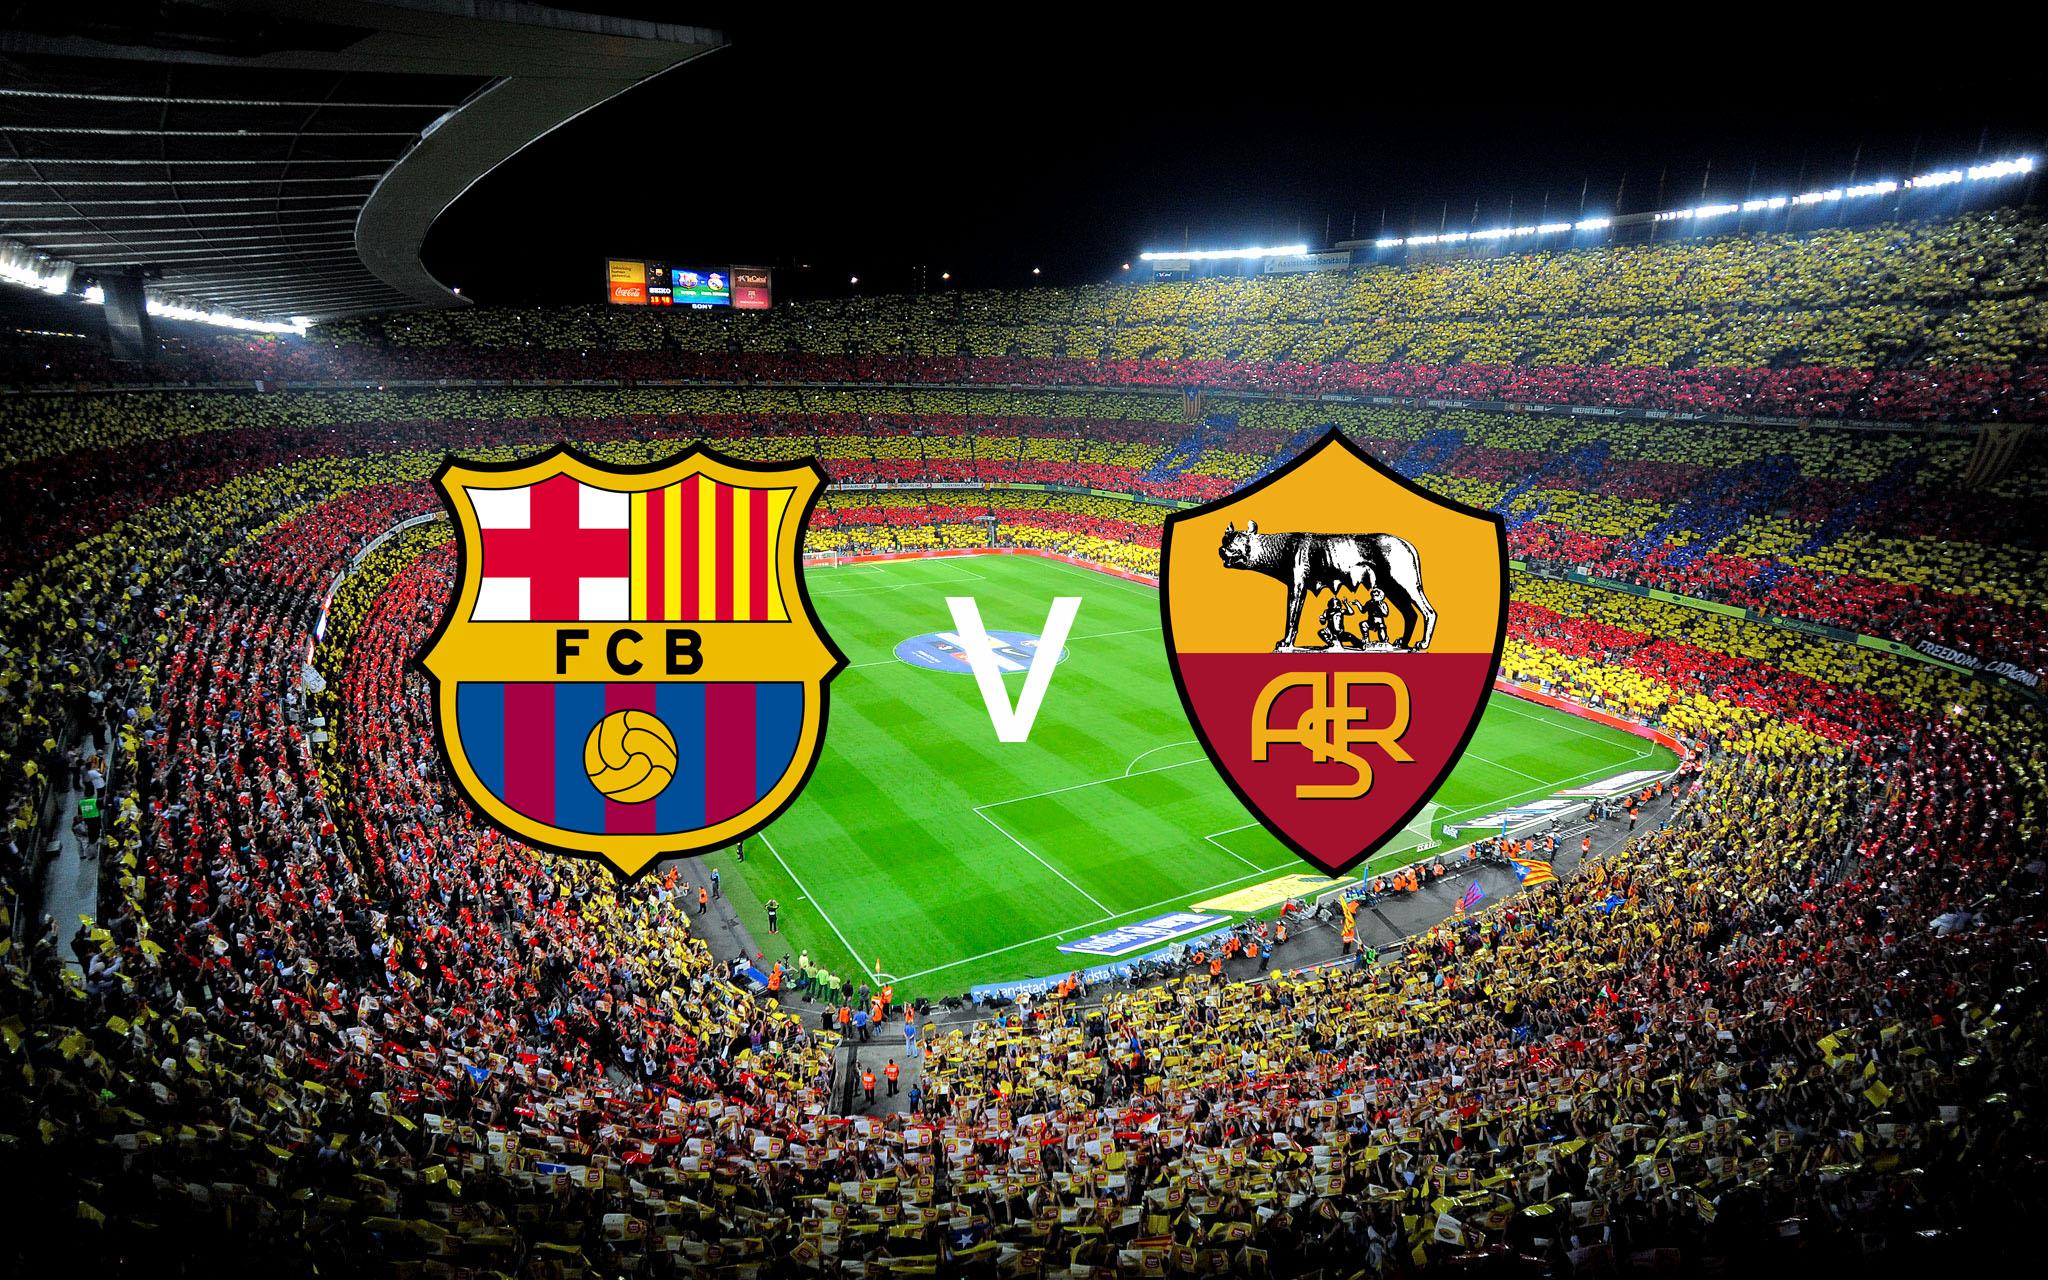 Nhận định Barcelona vs AS Roma, 1h45 ngày 05/04: Gã khổng lồ thị uy sức mạnh